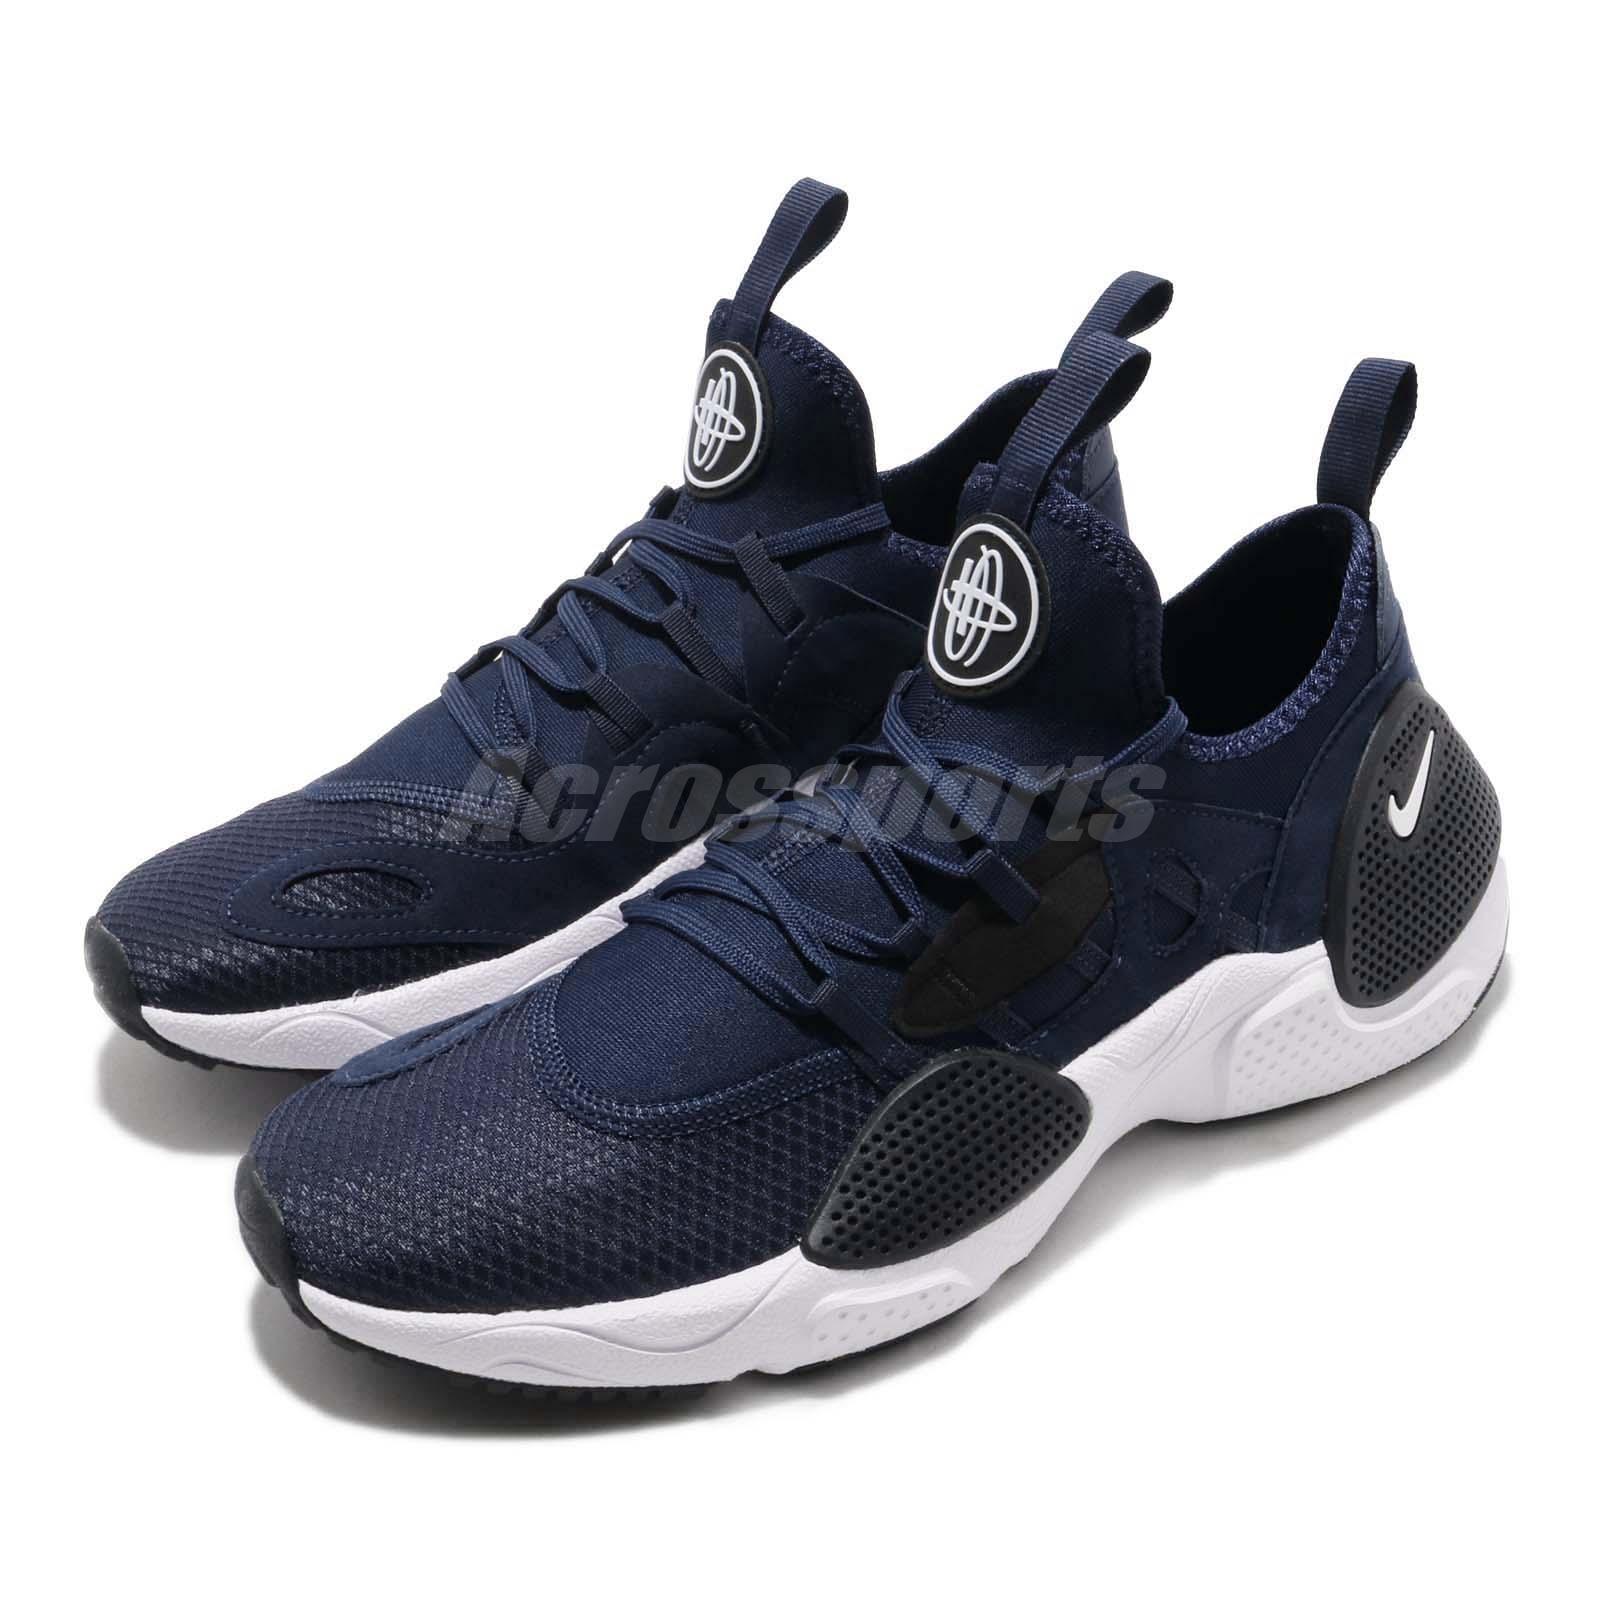 buy online 50bf3 e522d Details about Nike Huarache E.D.G.E. Txt Navy White Black Men Running Shoes  Sneaker AO1697-400